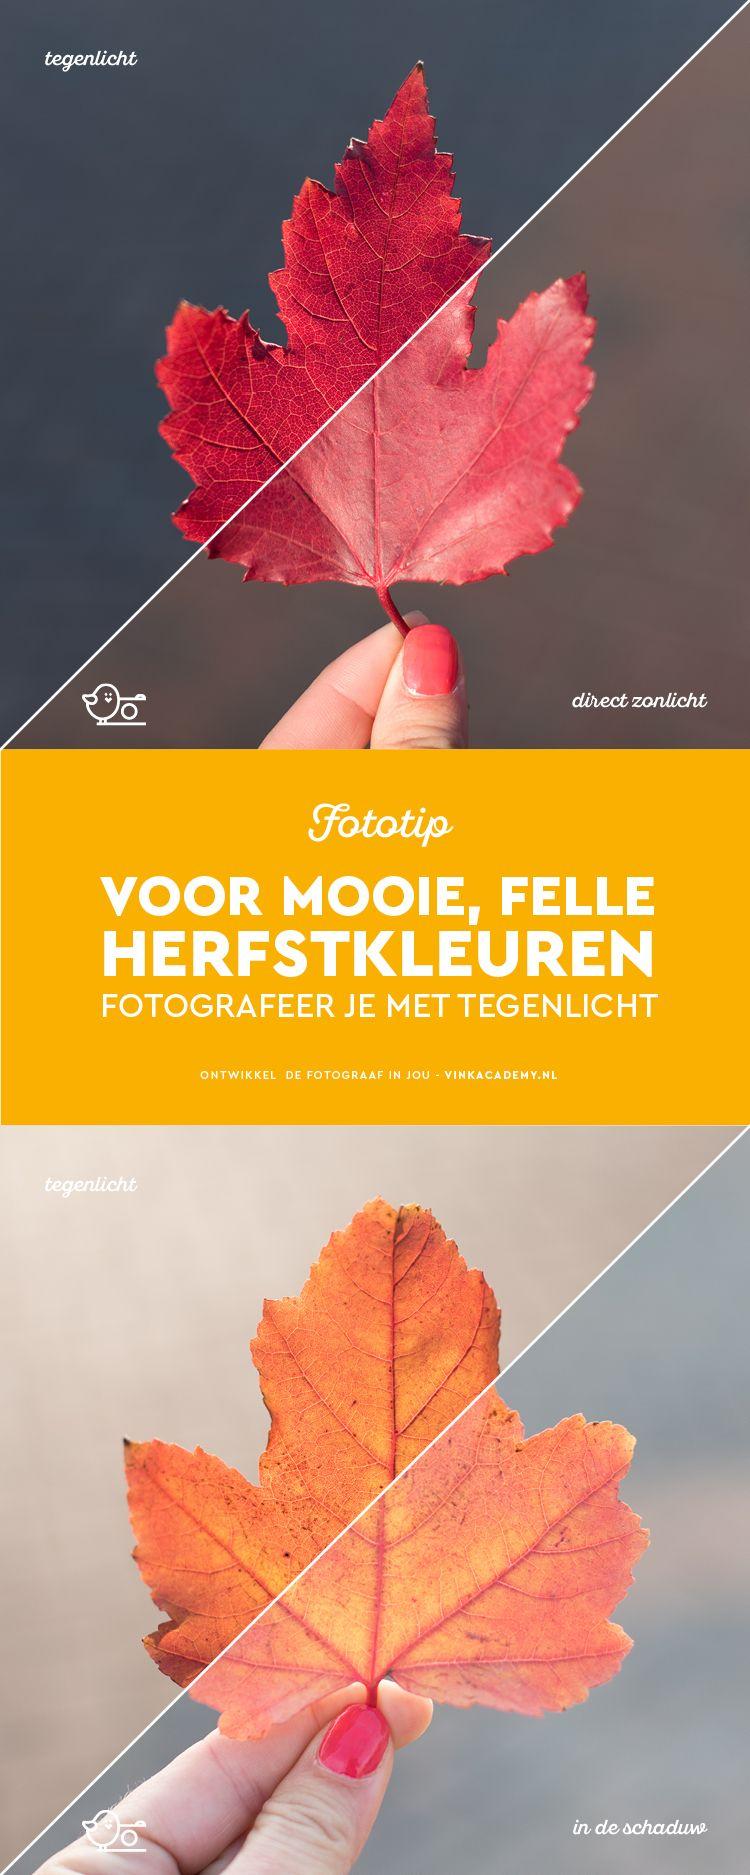 Hoe fotografeer je de herfstkleuren het best? Nou... bijvoorbeeld door te fotograferen met tegenlicht. Bekijk het artikel voor duidelijk voorbeelden en nog meer fototips.  Fotografietips, fotografie-inspiratie, Herfstfotografie, Natuurfotografie, Landschapsfotografie